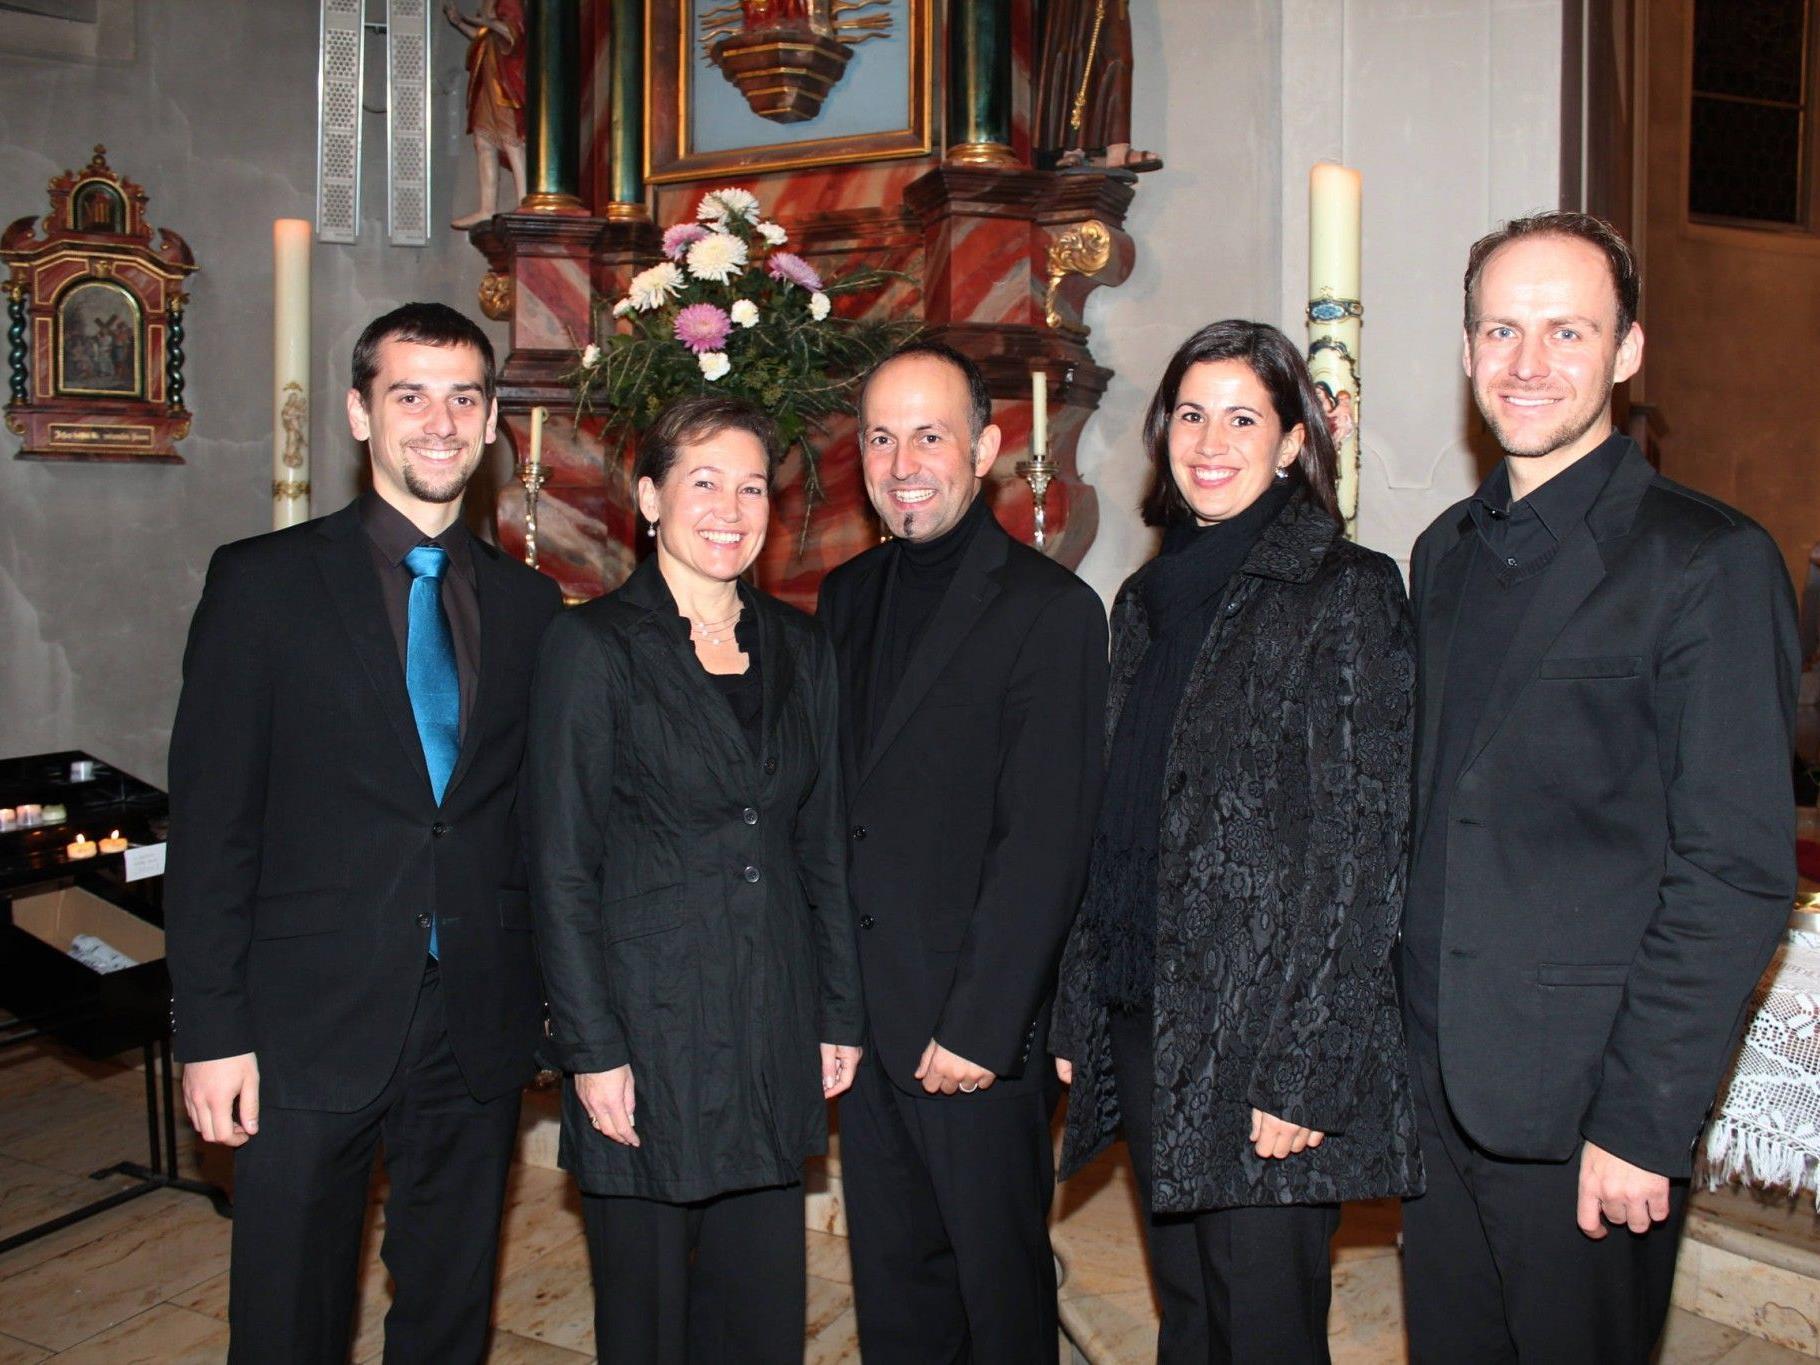 Raphael Höhn, Birgit Plankel, DKM Benjamin Lack, Martina Gmeinder und Matthias Haid.